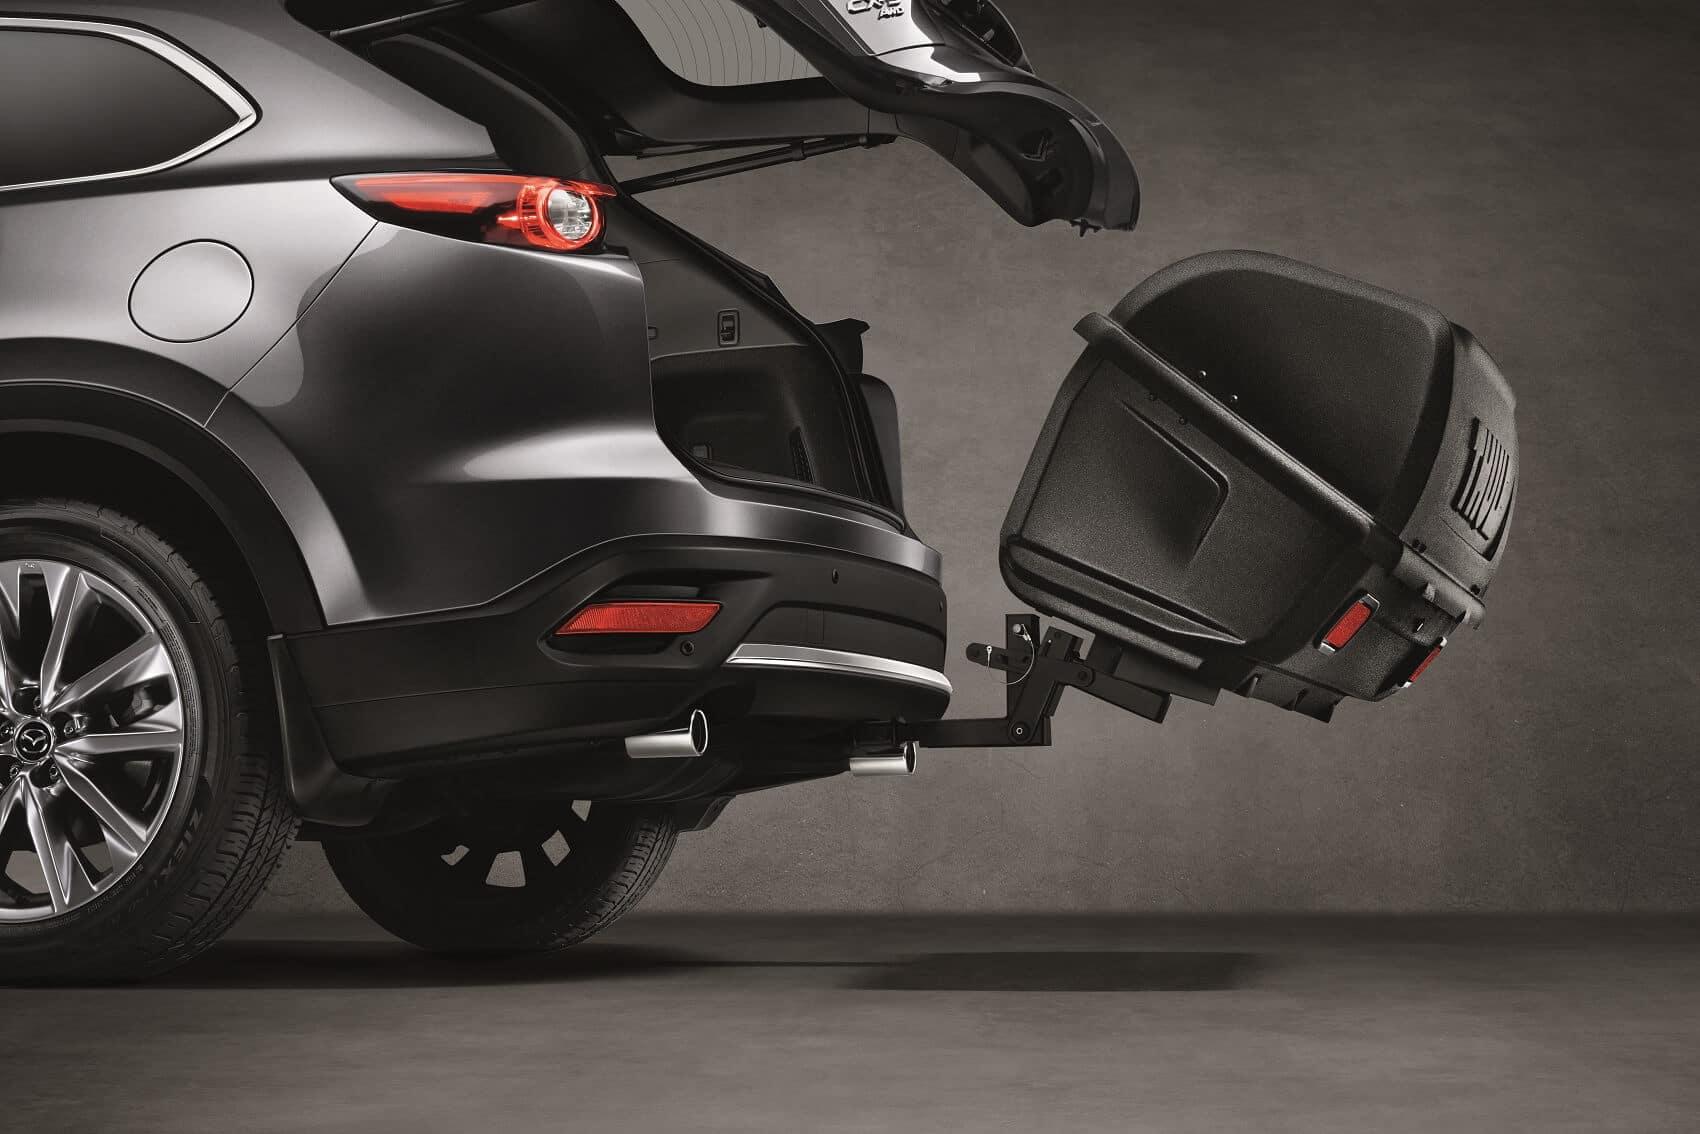 Mazda CX-9 Trailer Hitch